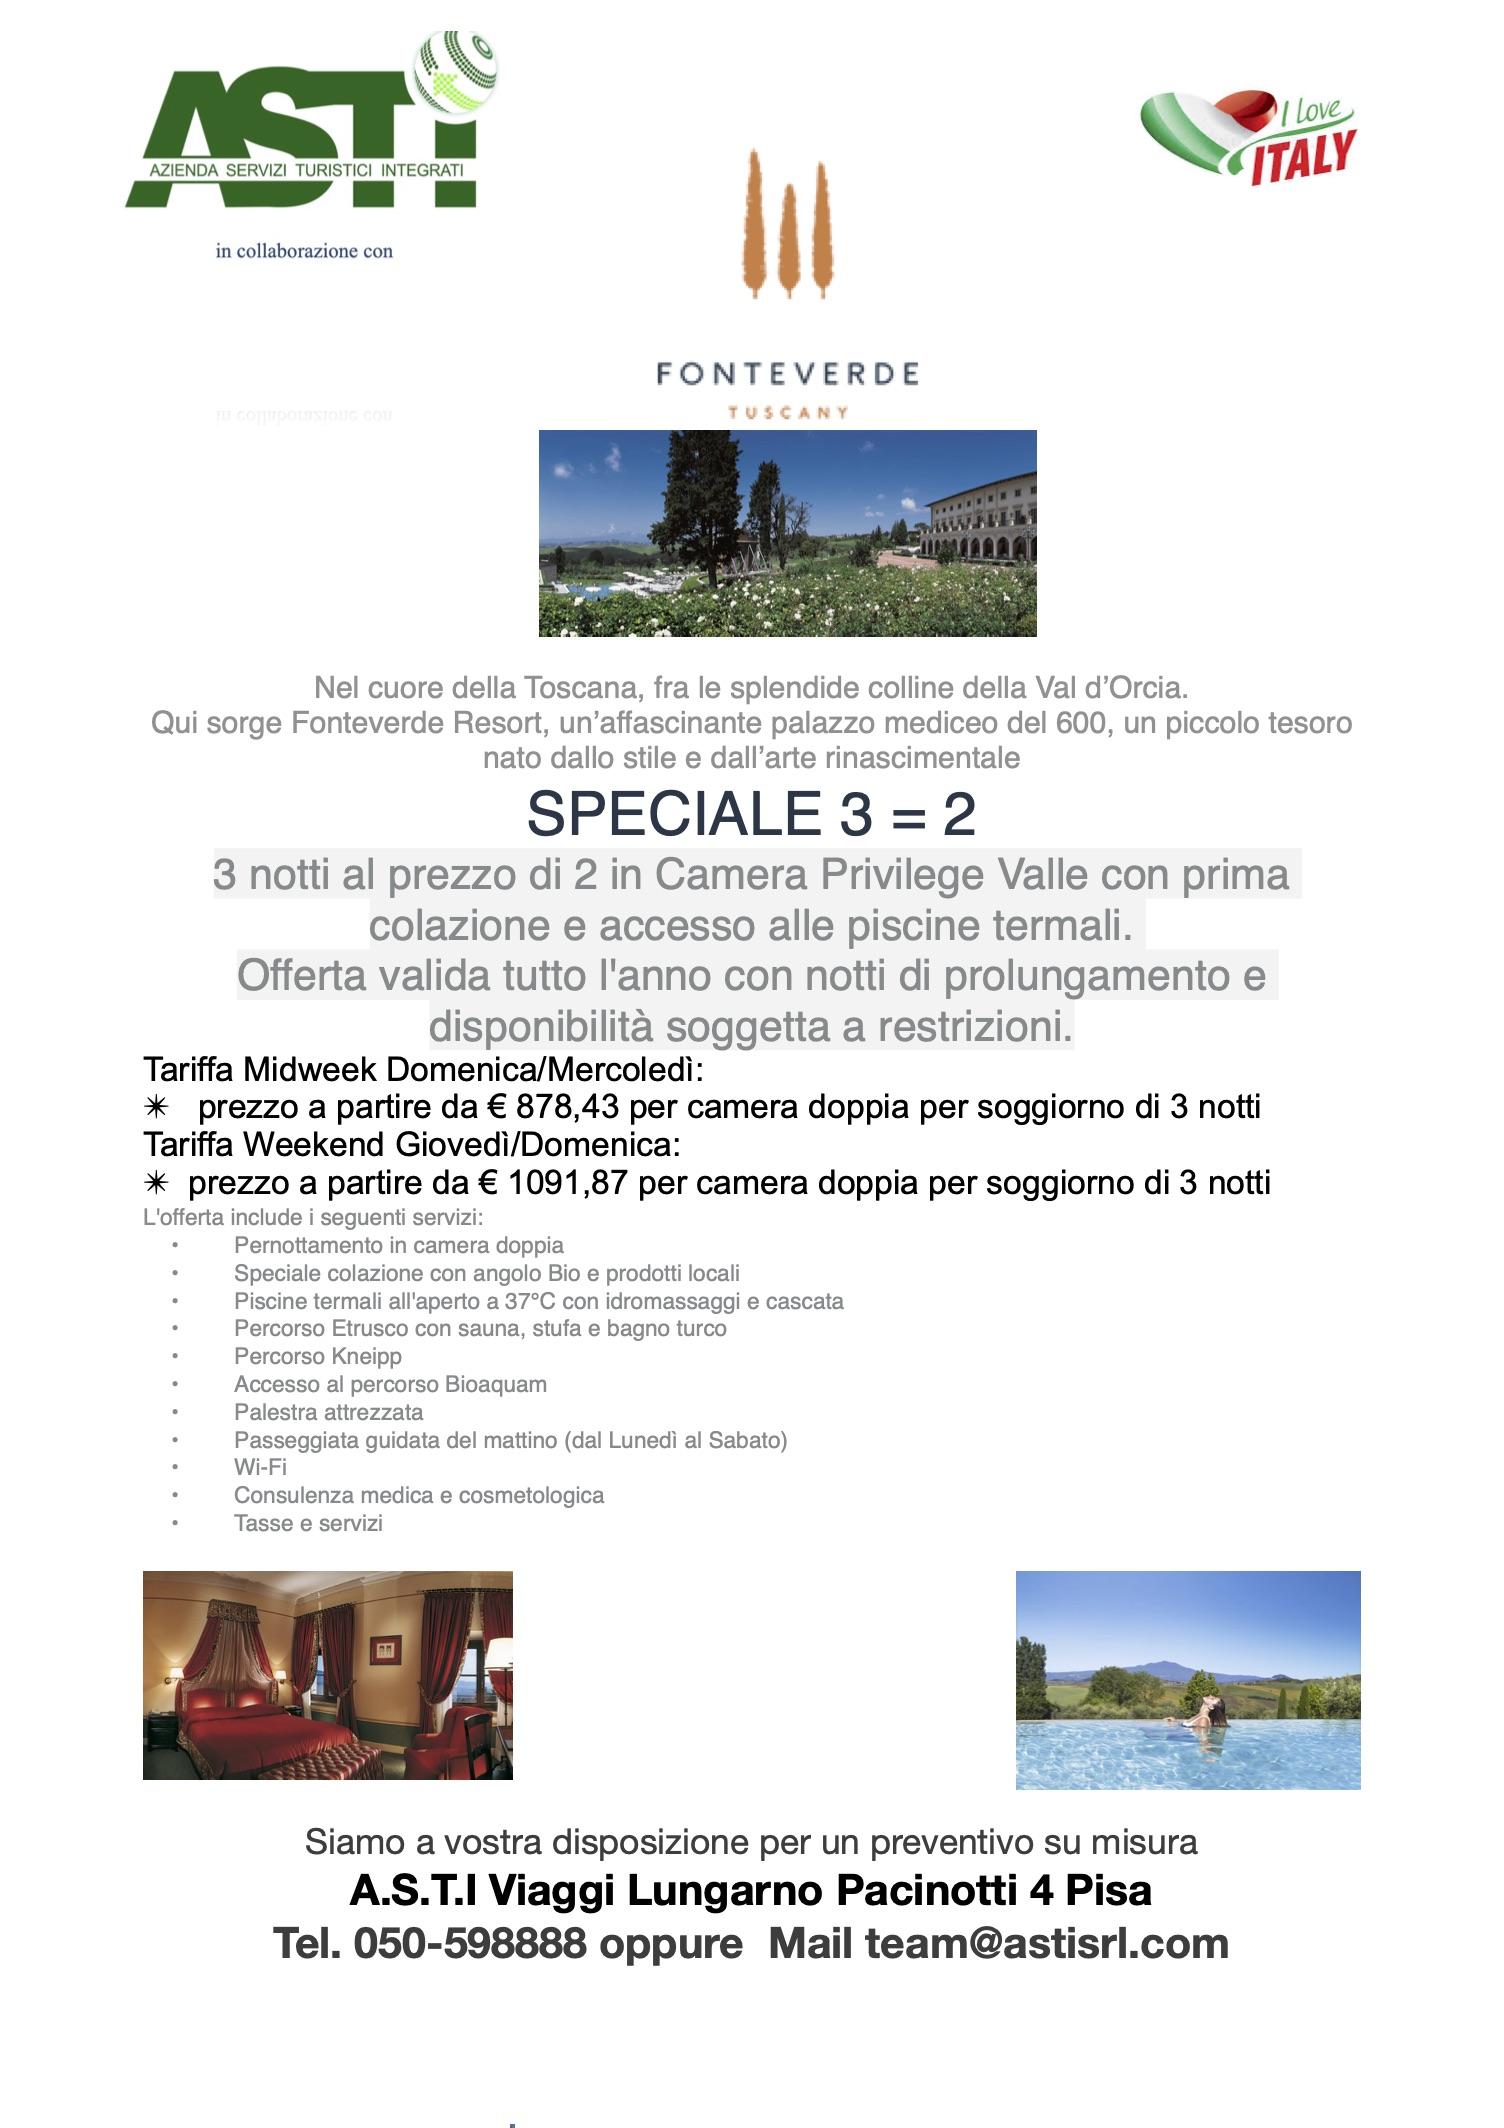 Fonteverde Resort e Spa